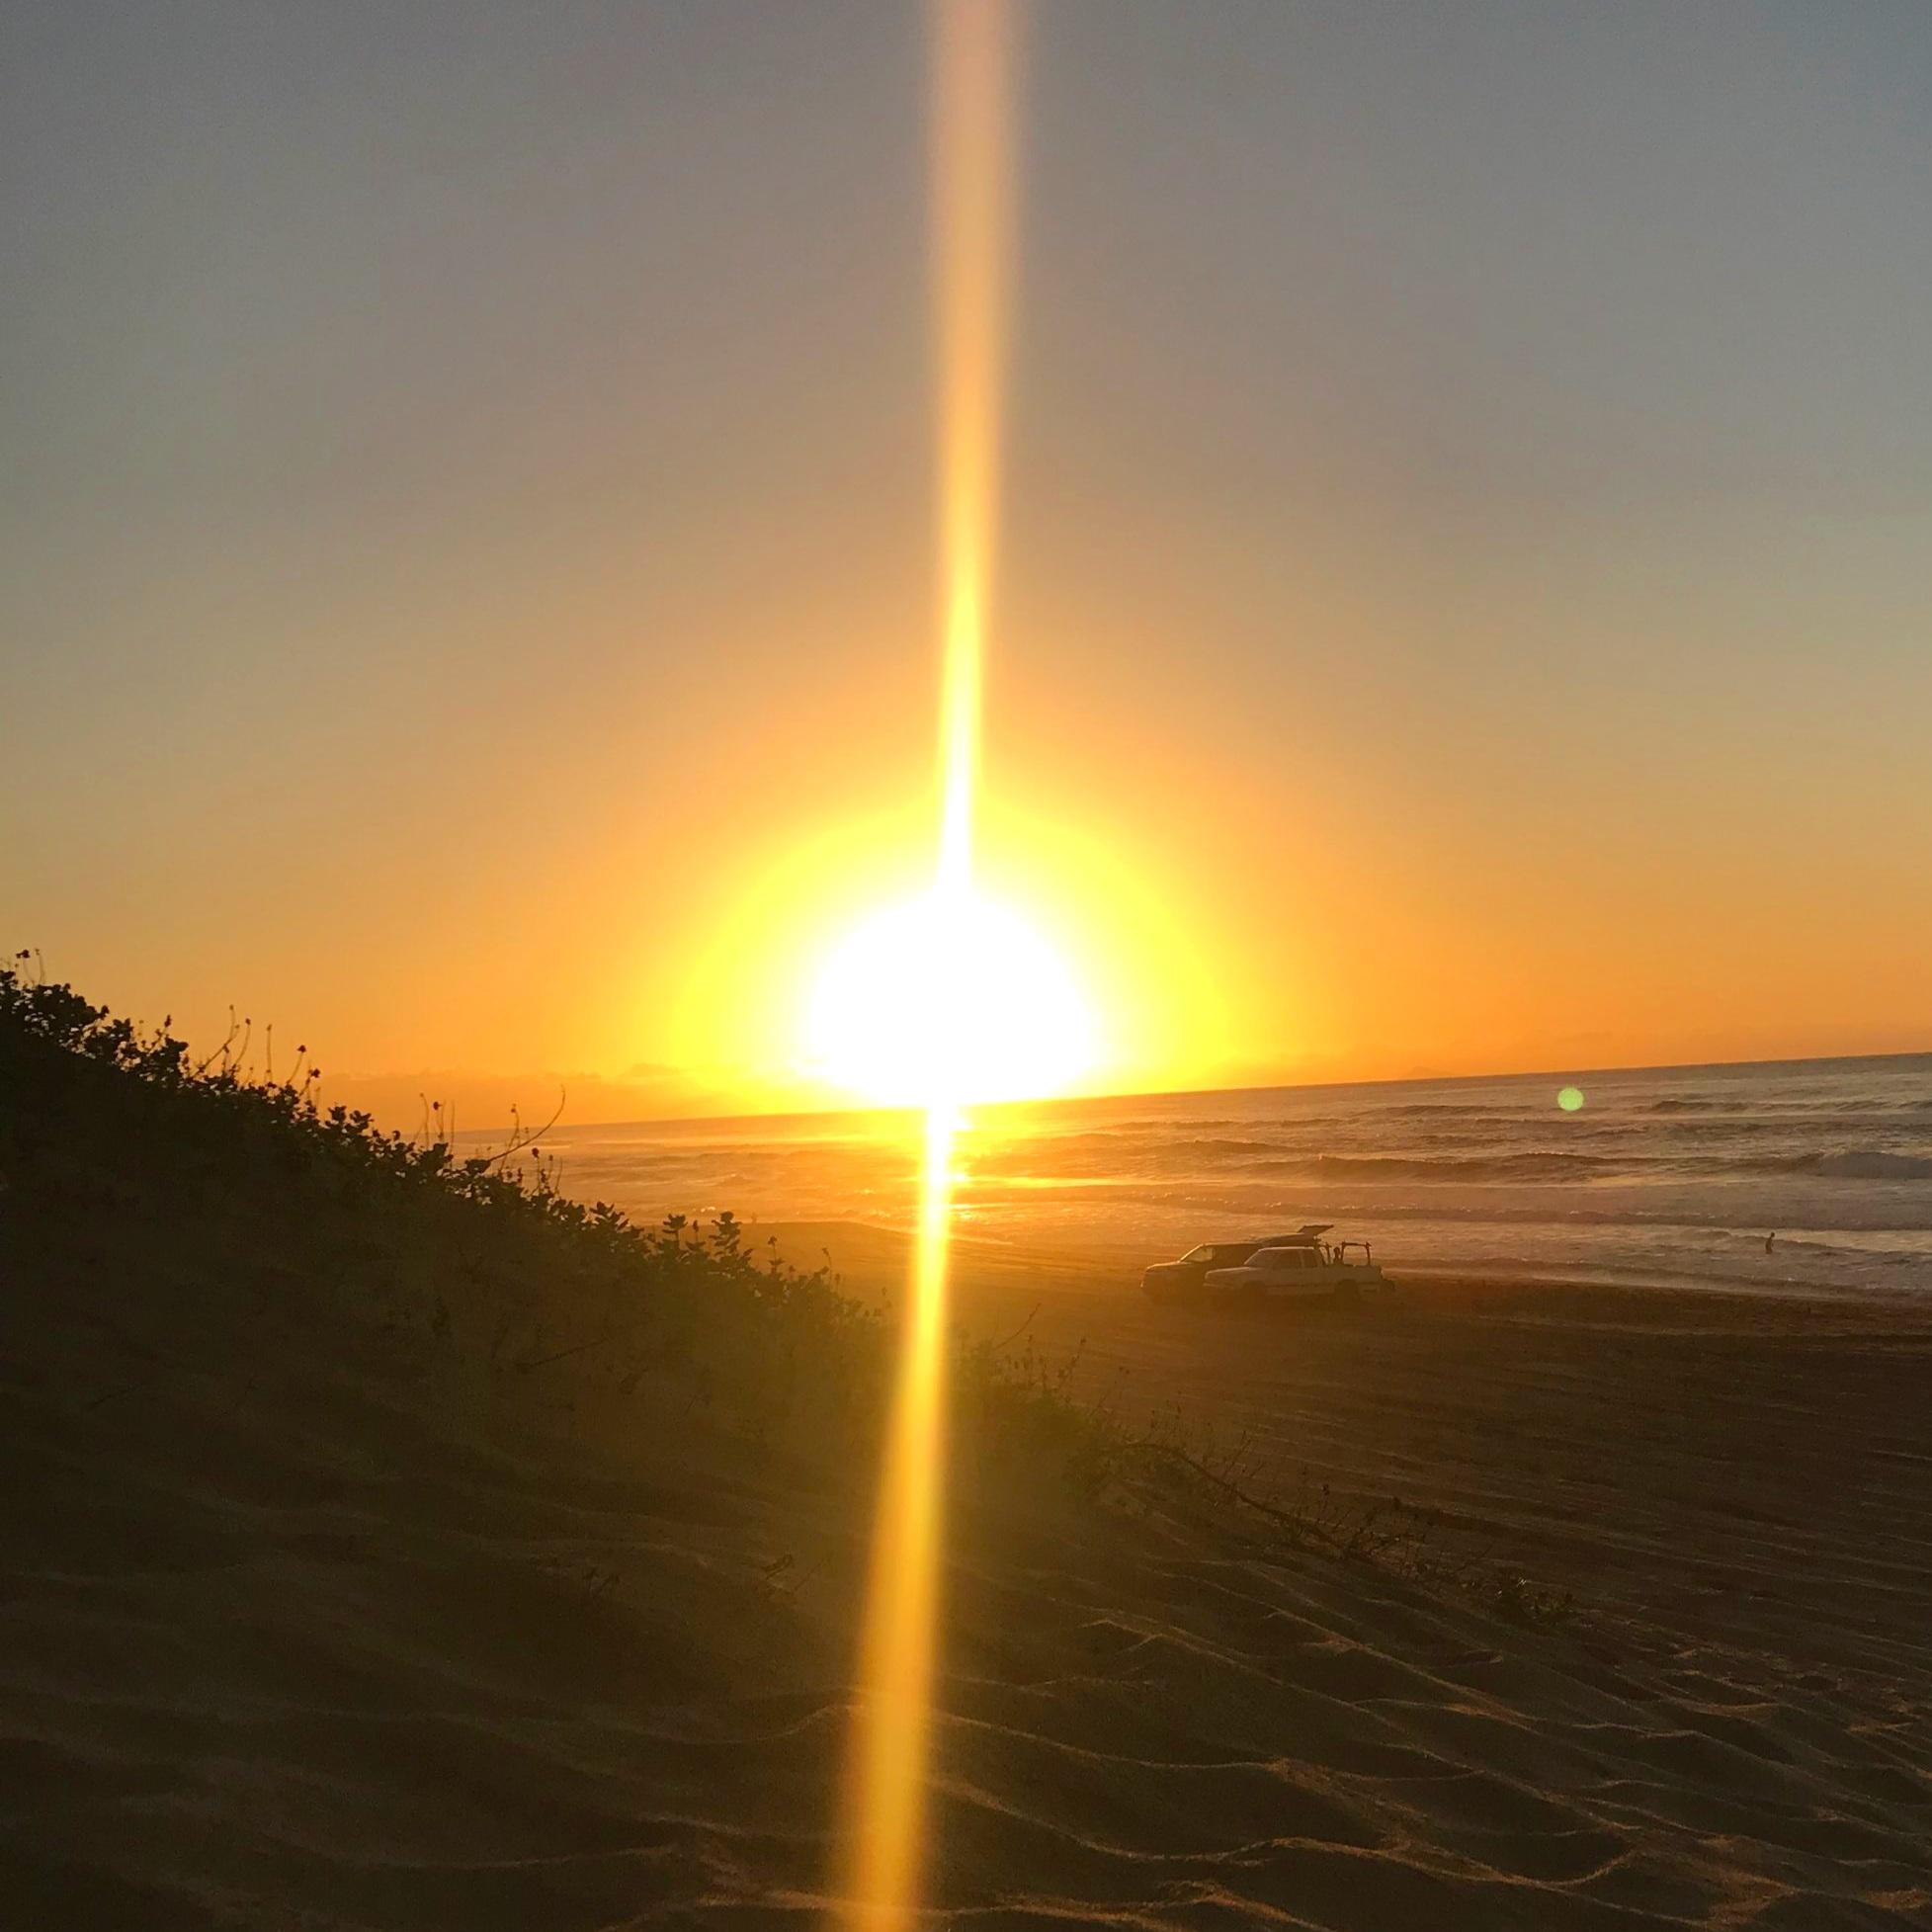 Sunrise over Kaua'i. Polihale state park.